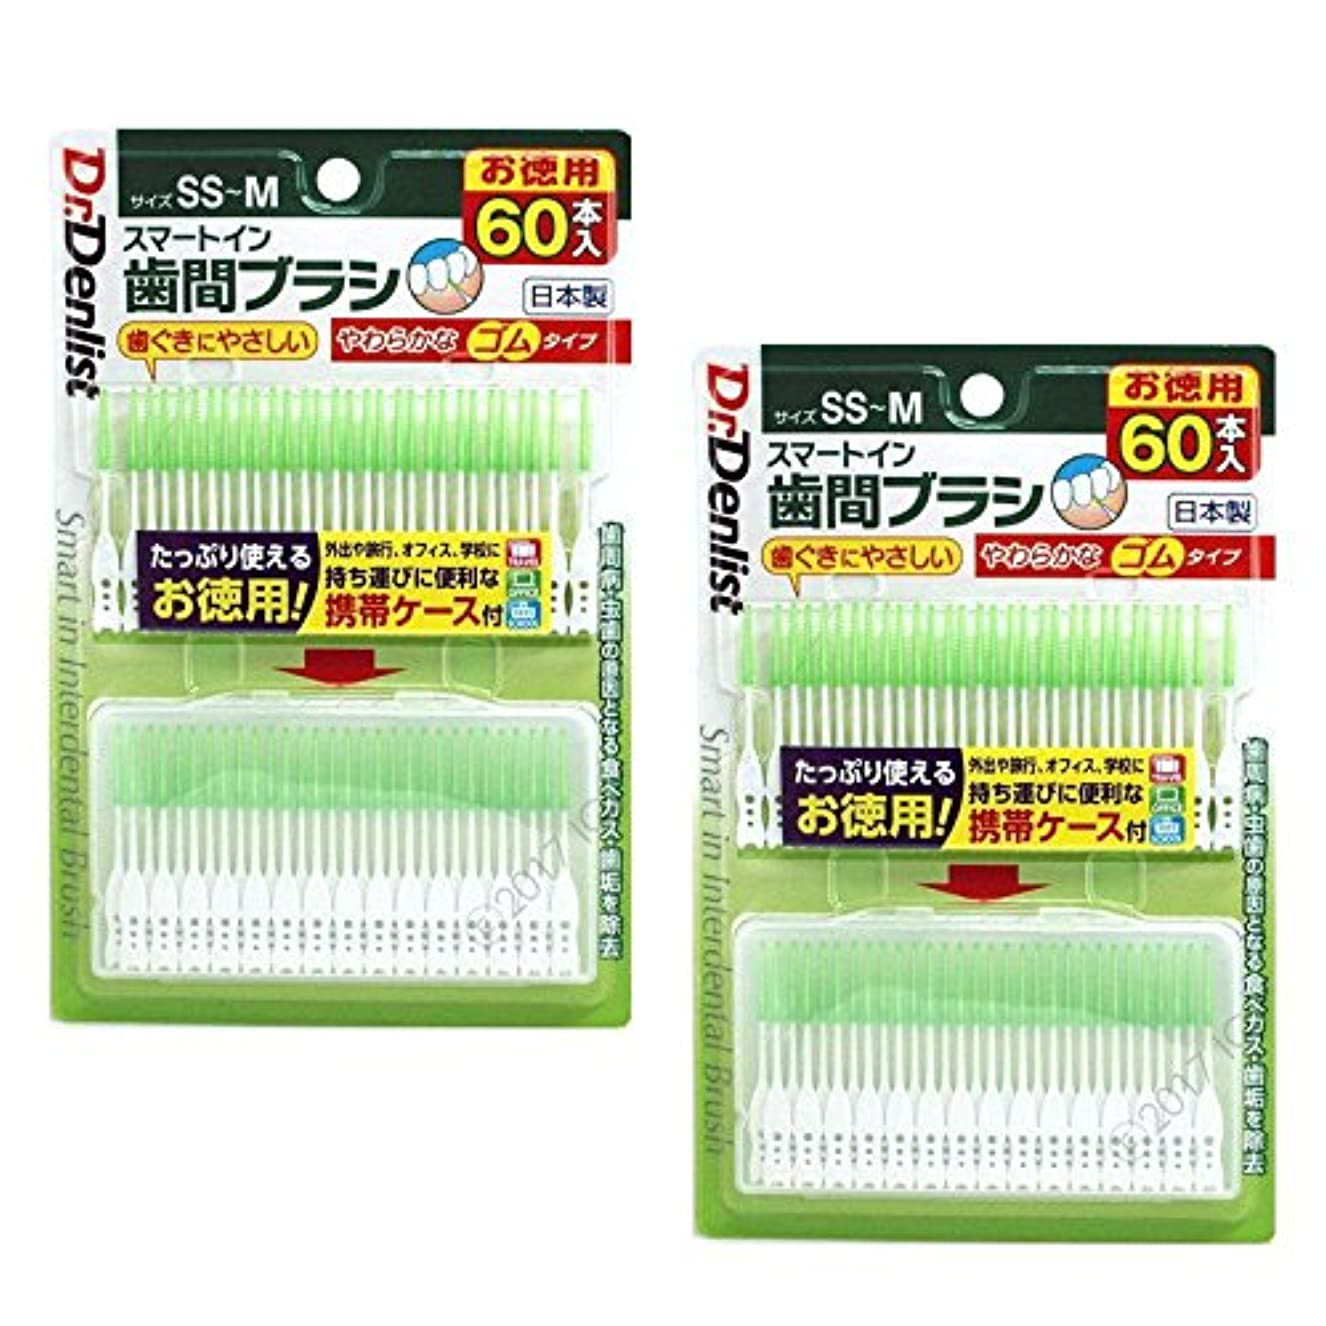 陸軍意図する衰える歯間ブラシ スマートイン 60本×2個(計120本) お徳用 やわらかなゴムタイプ